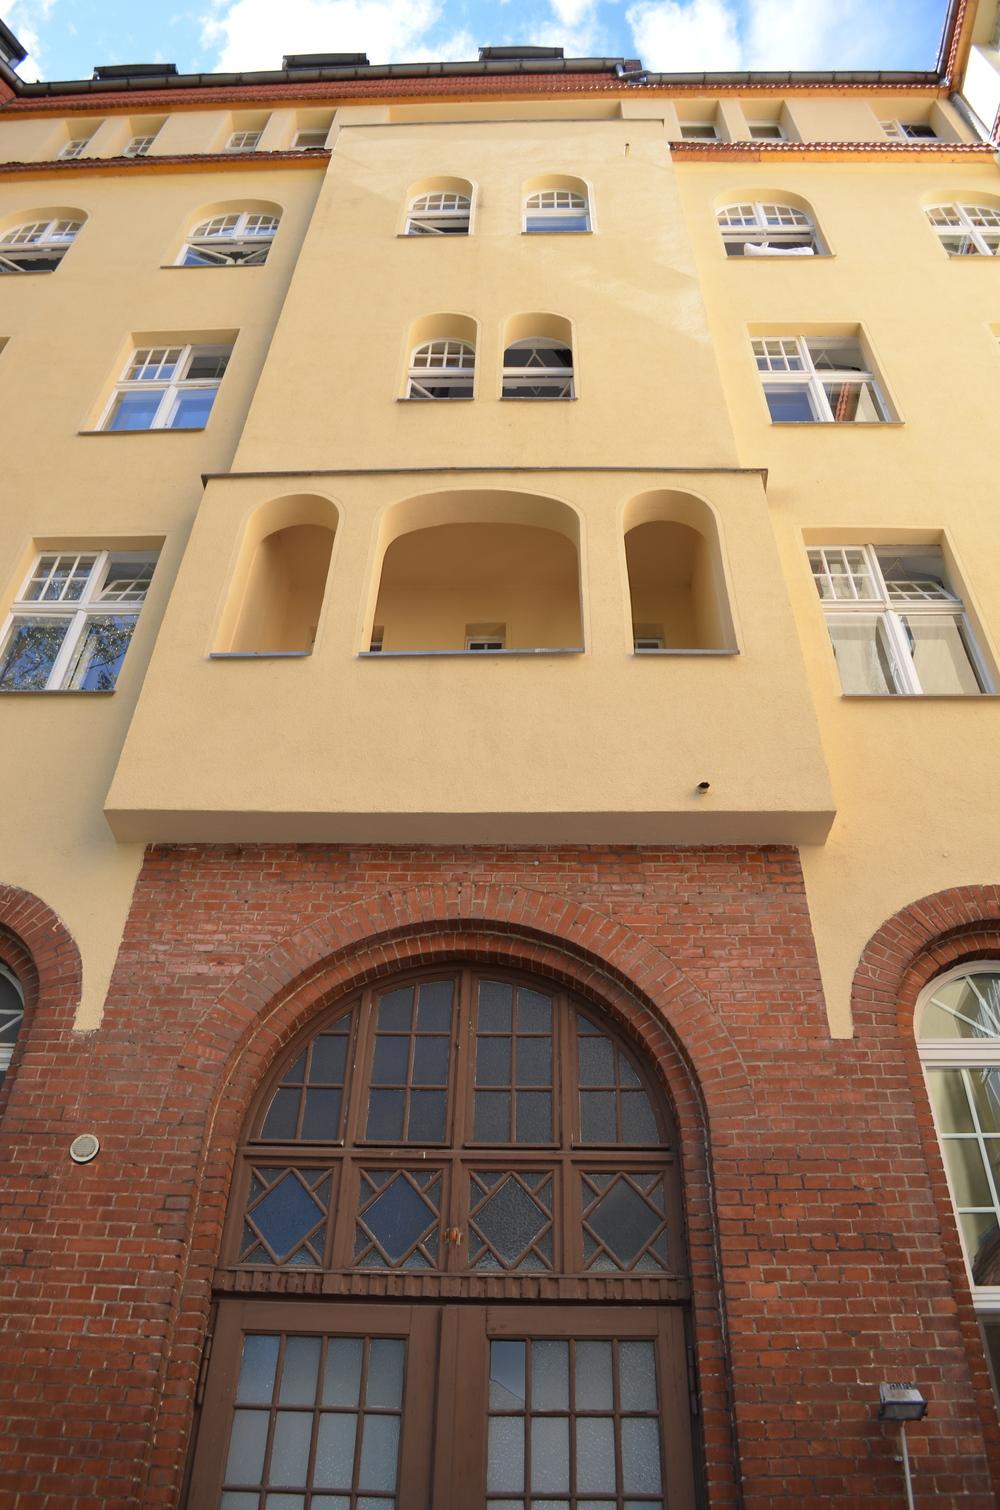 A back entrance.